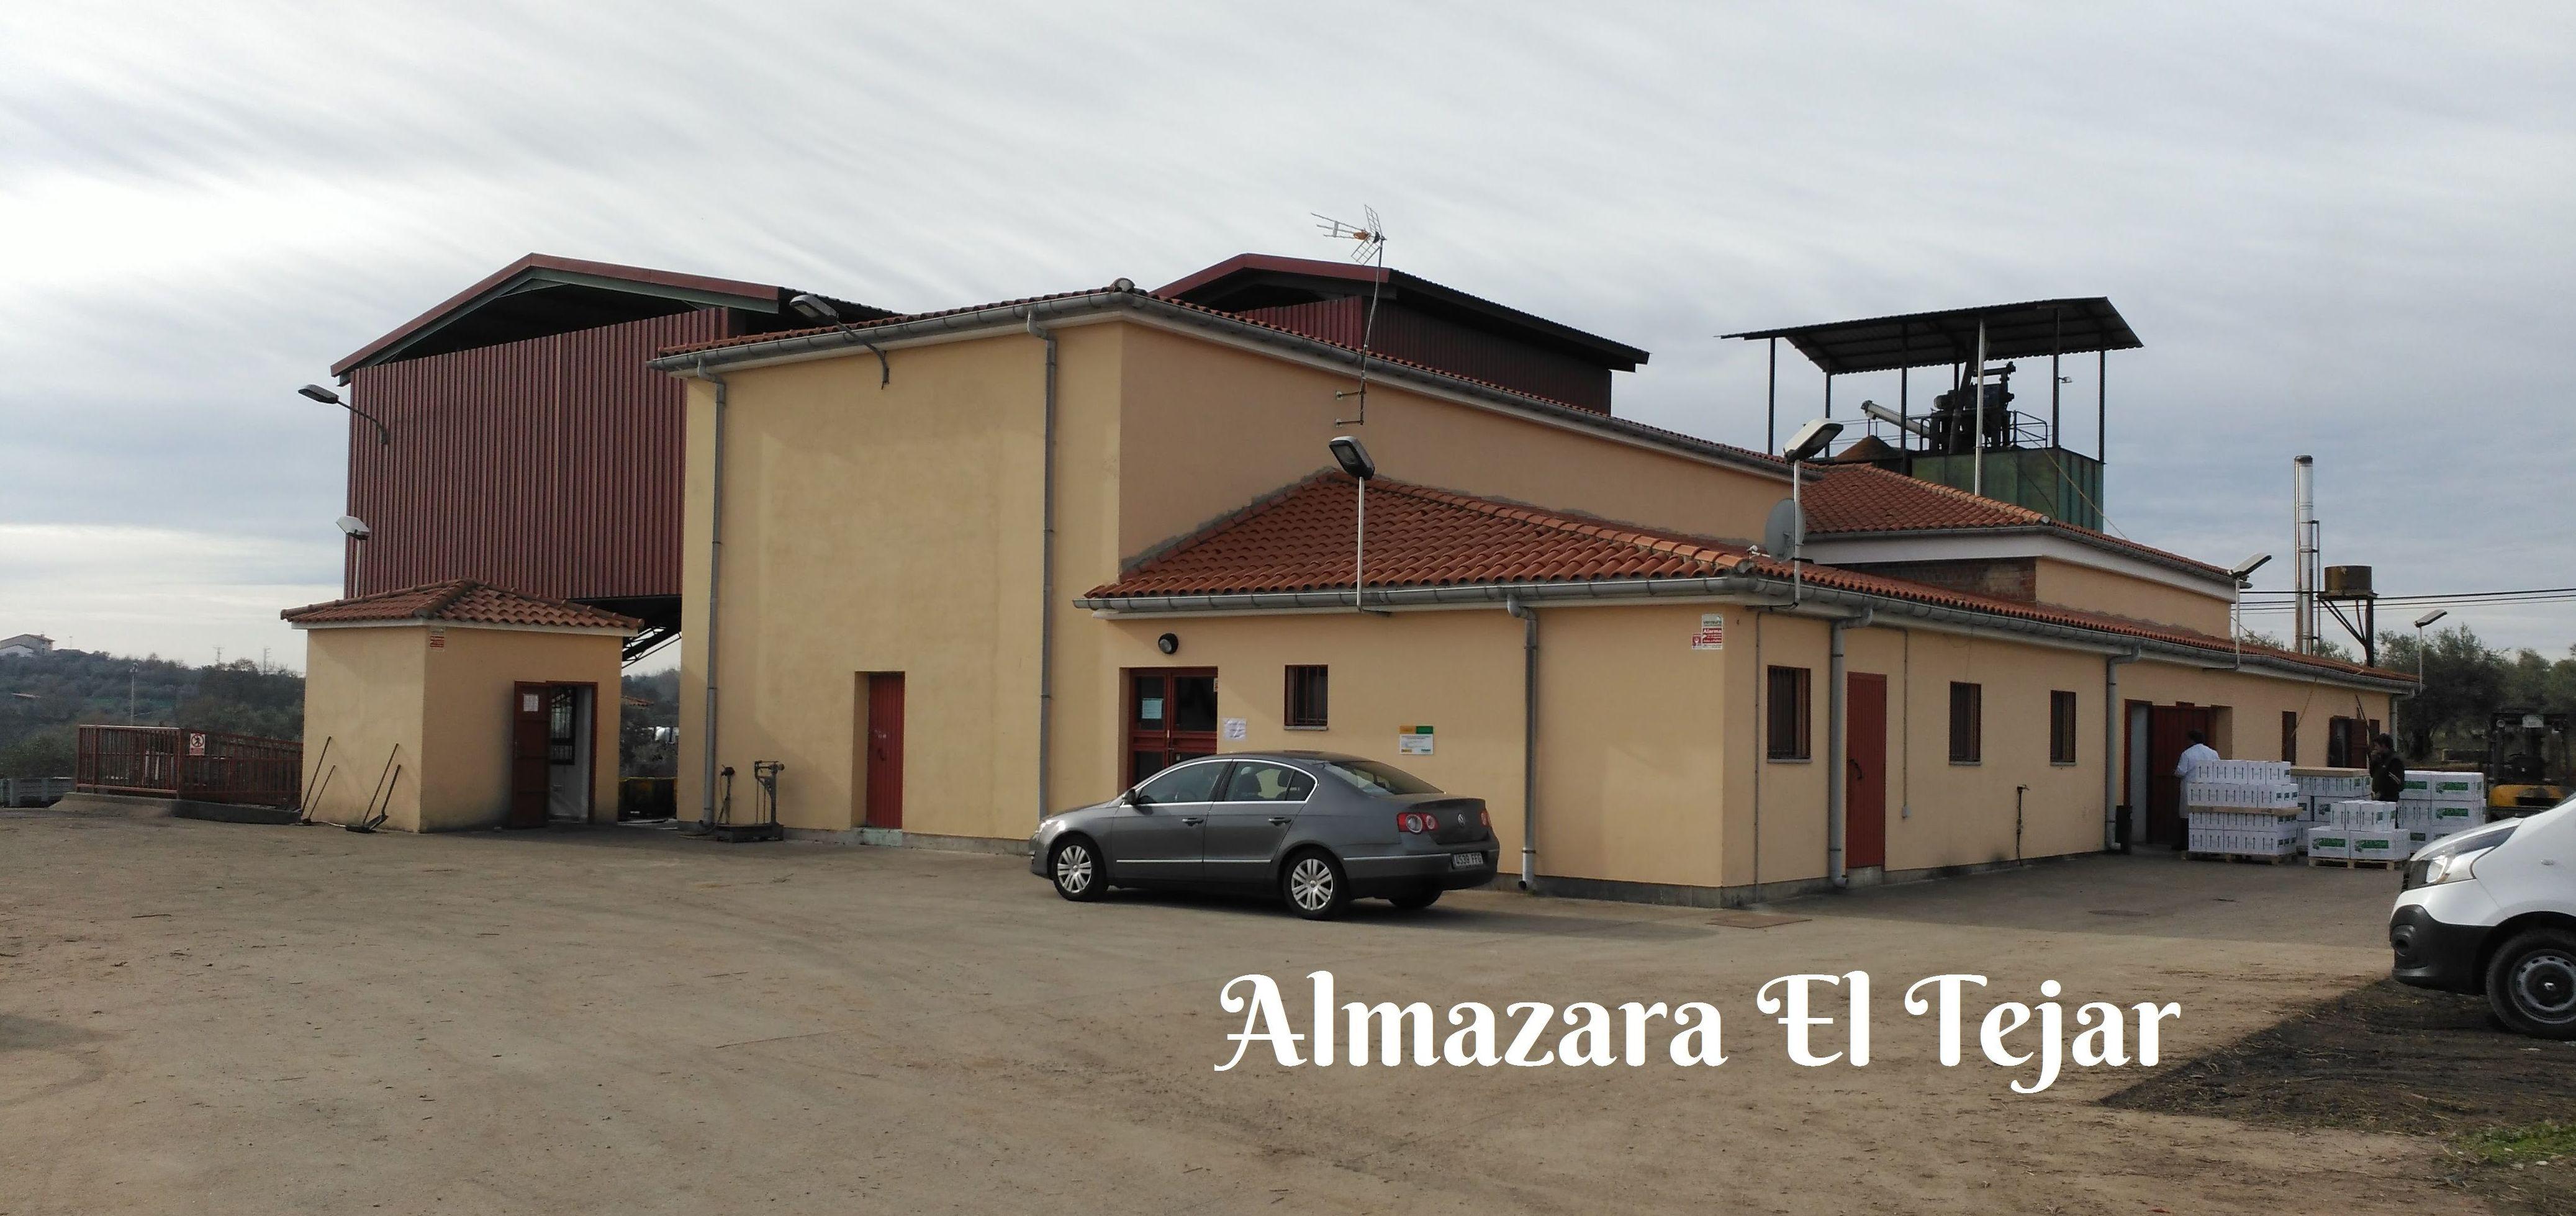 Foto 1 de Aceite de oliva en Tejeda de Tiétar | Almazara El Tejar